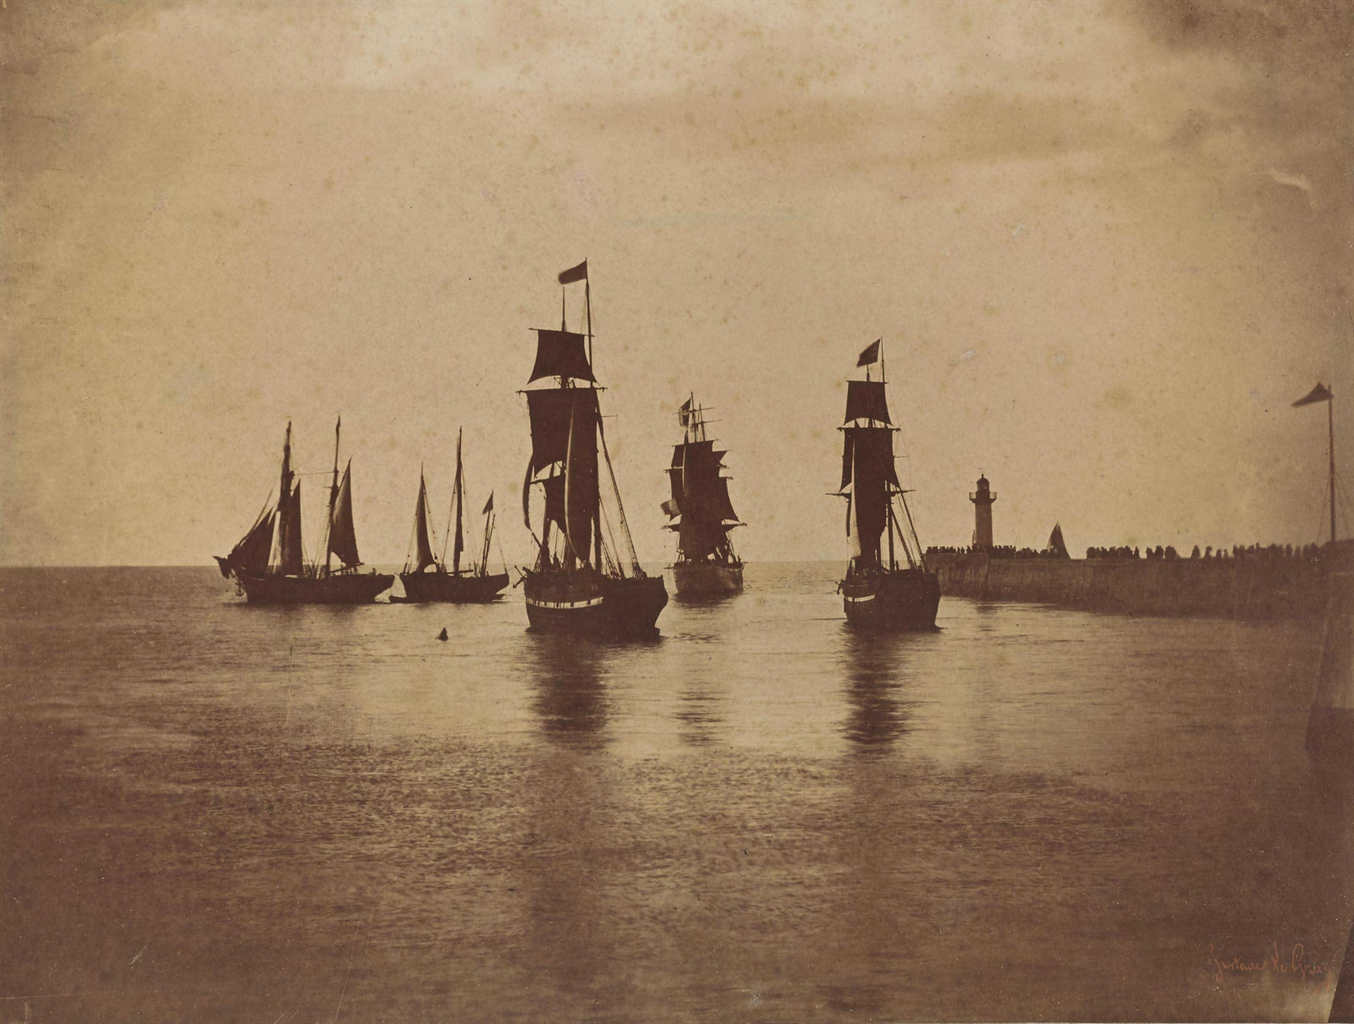 Gustave Le Gray-Bateaux quittant le port du Havre (navires de la flotte de Napoleon III), France-1857